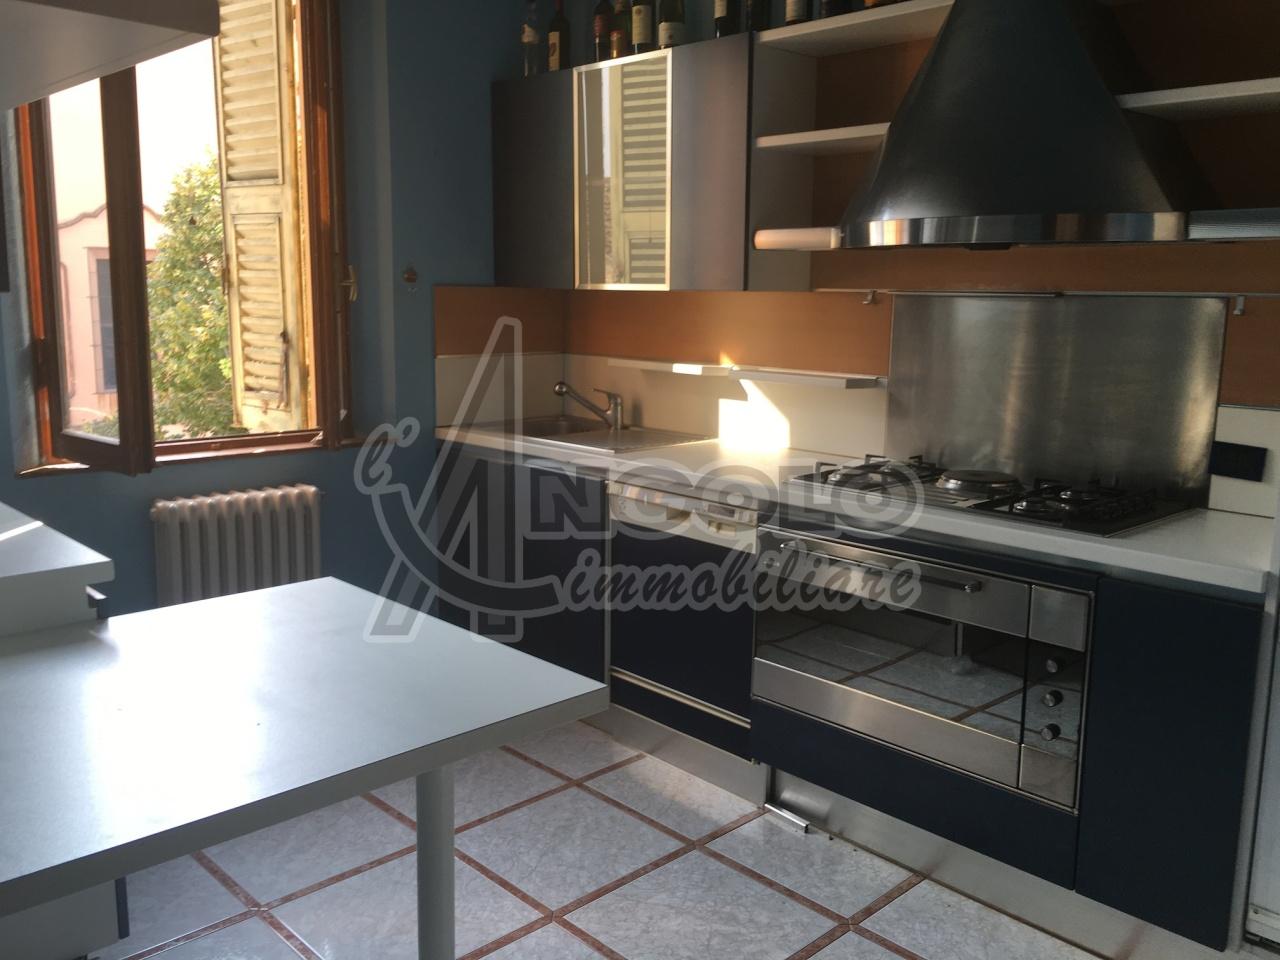 Attico / Mansarda in vendita a Ferrara, 6 locali, prezzo € 149.000 | Cambio Casa.it